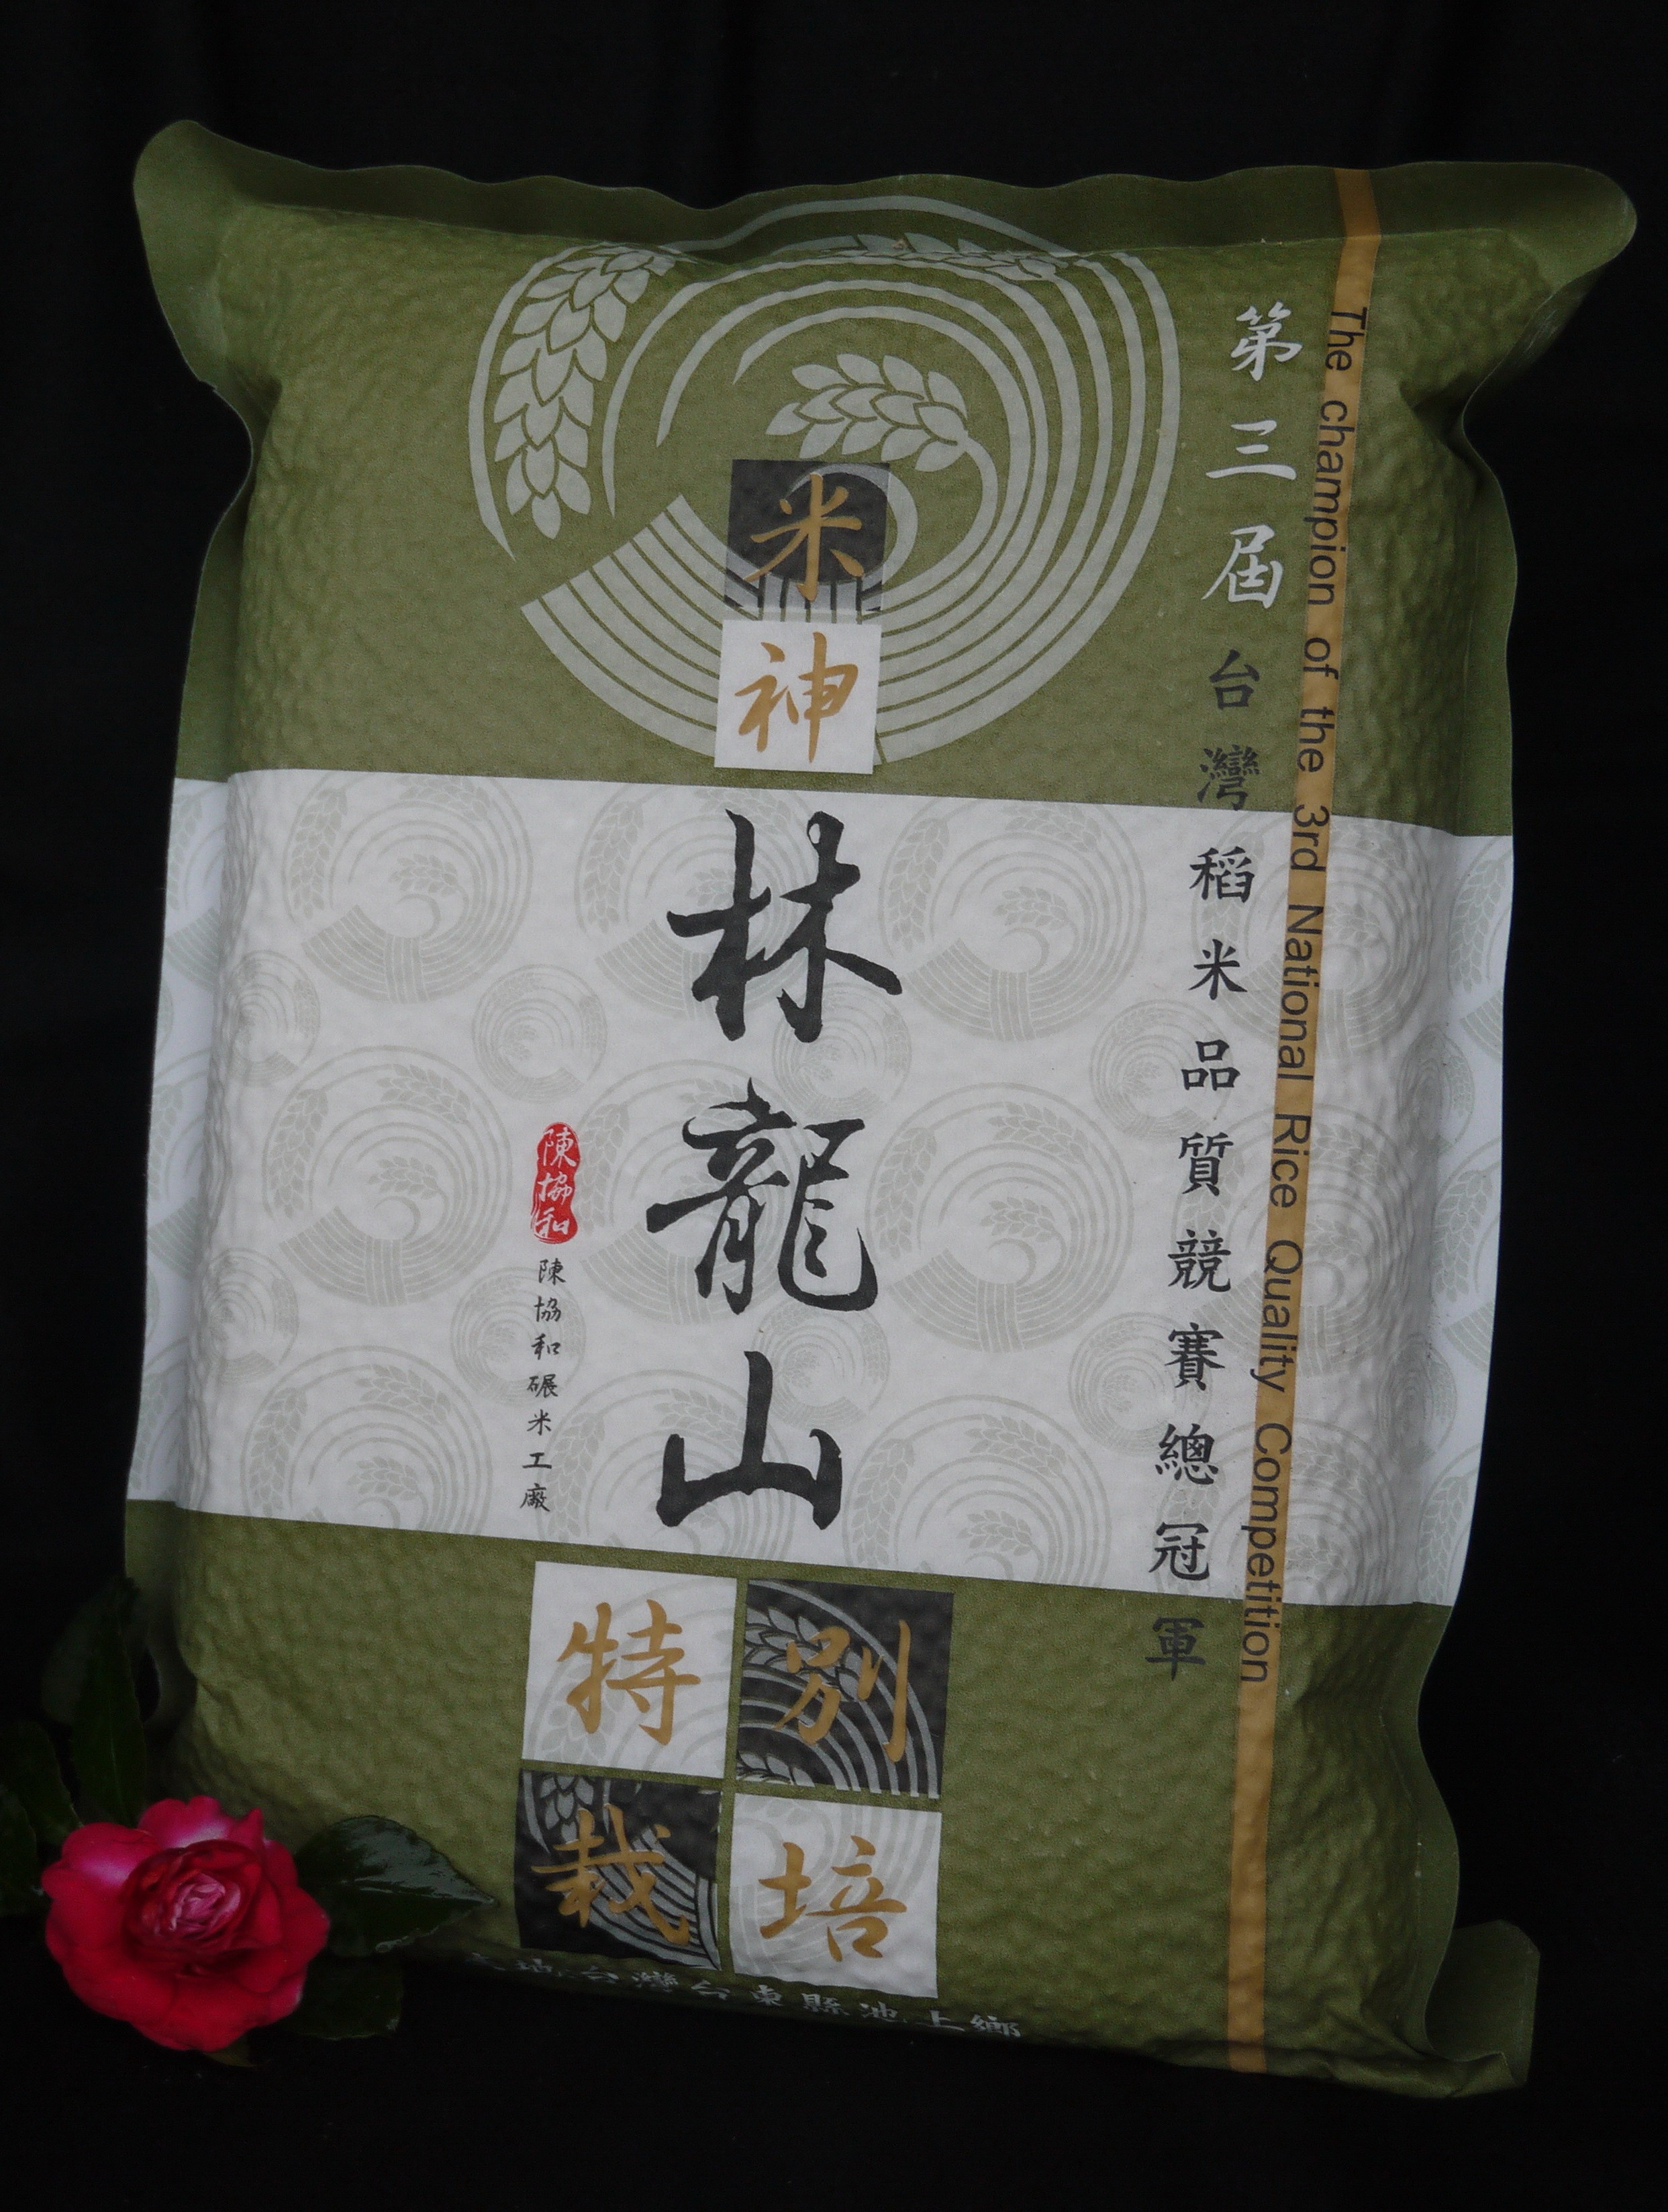 林龍山的米(2公斤)